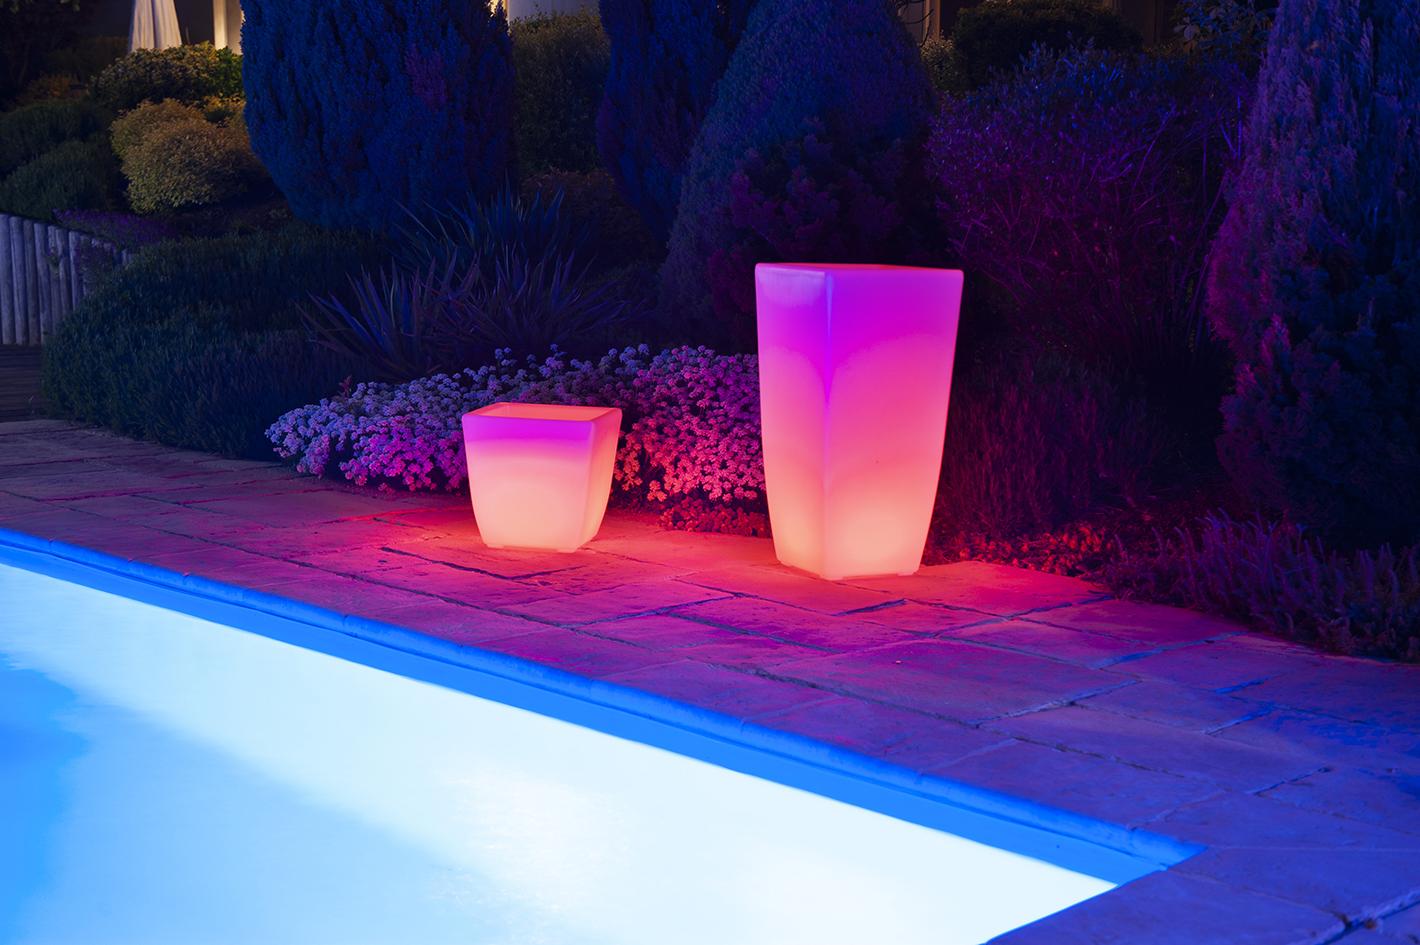 Un vase et pot lumineux à Led Rouge au bord d'une piscine